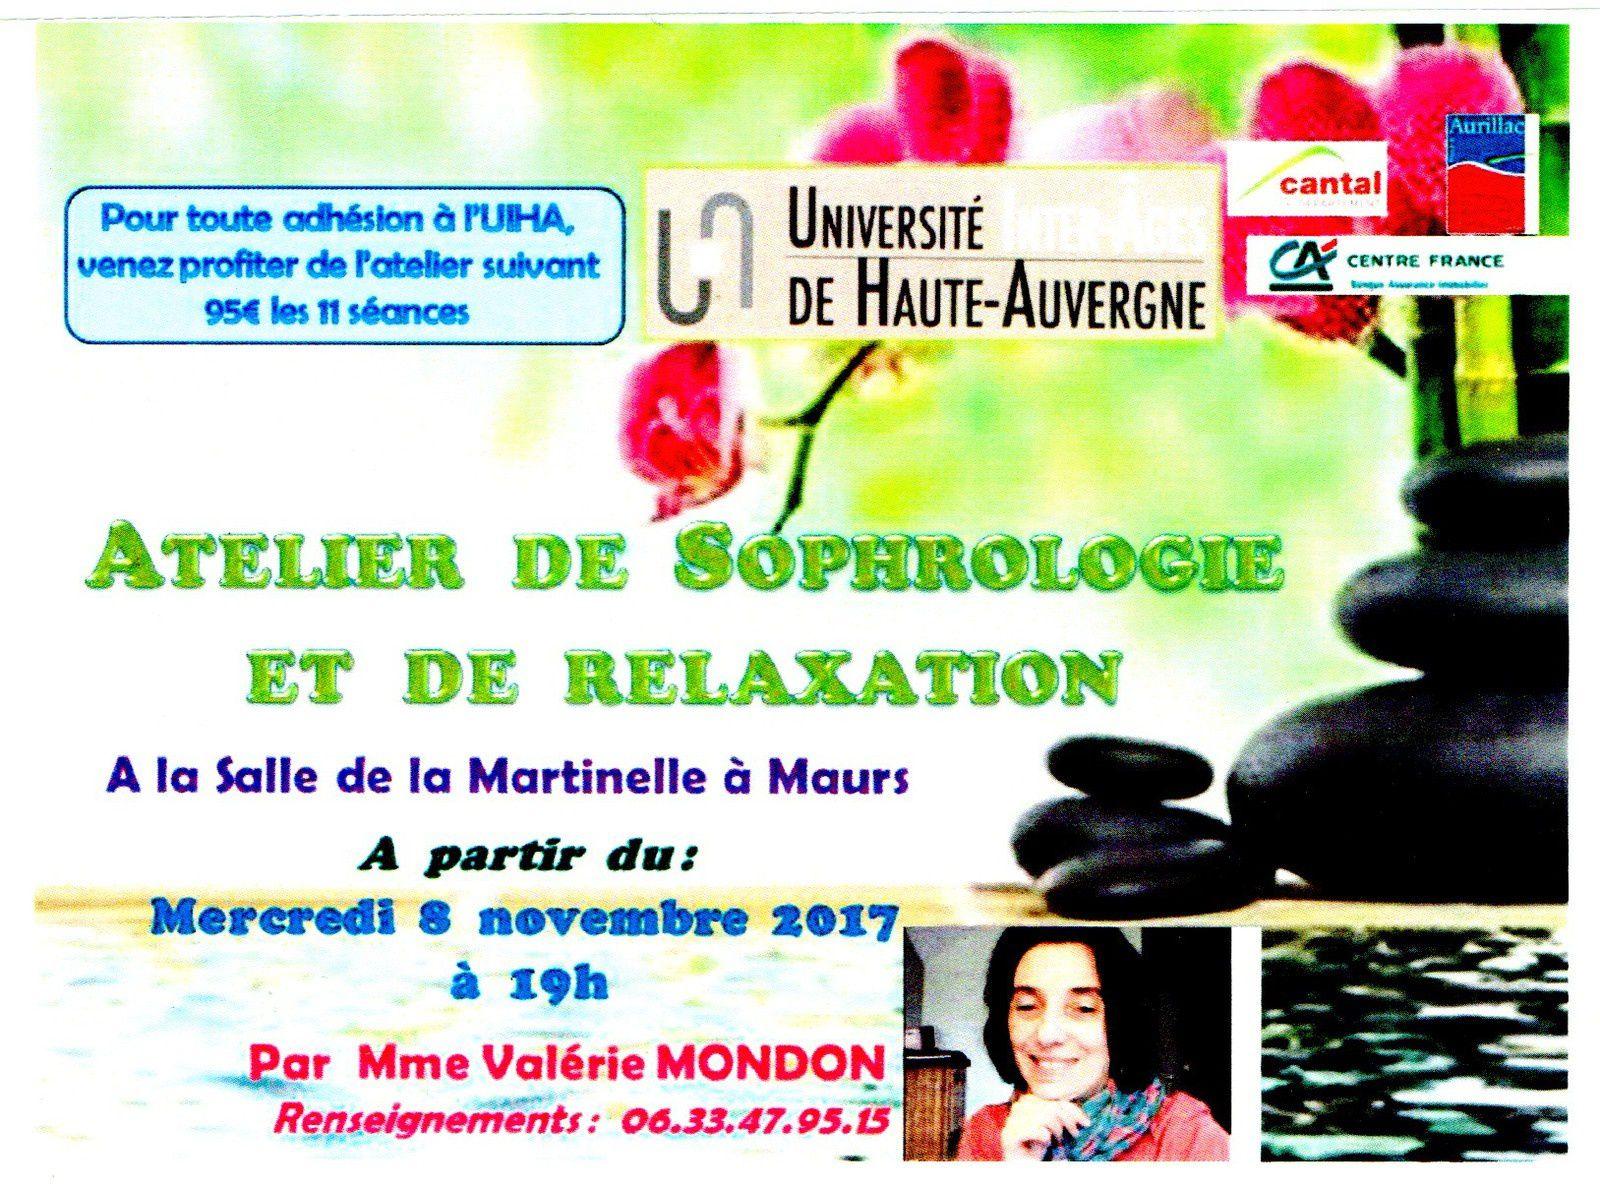 Atelier de sophrologie et relaxation à Maurs